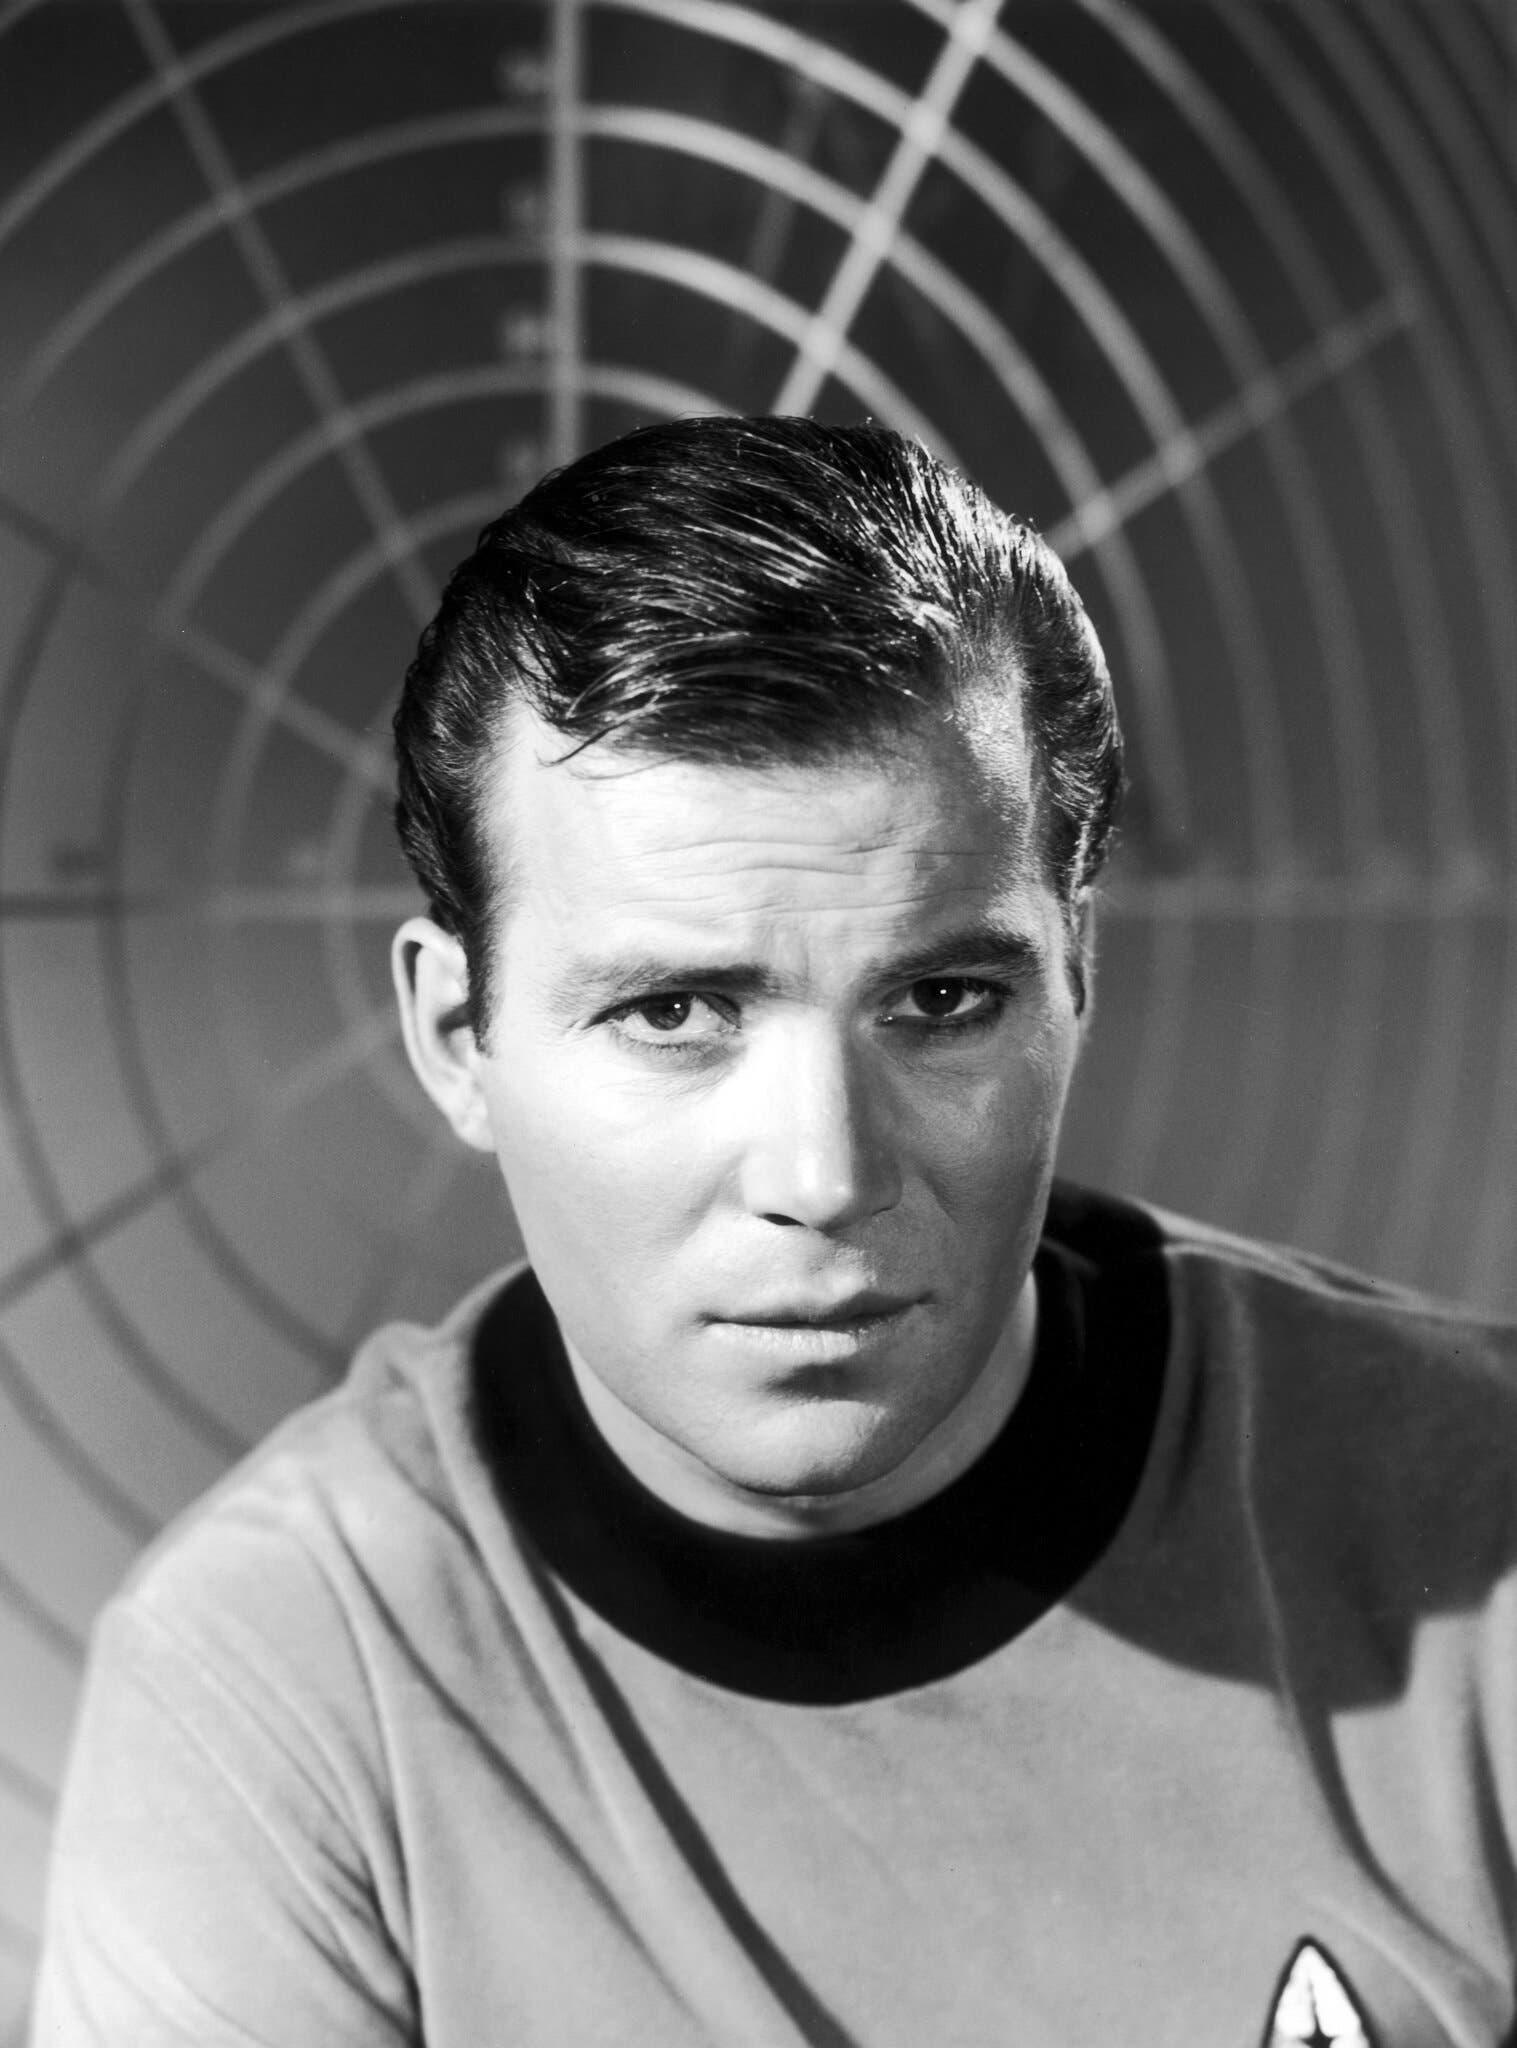 الممثل وليام شاتنر في شخصية الكابتن كيرك